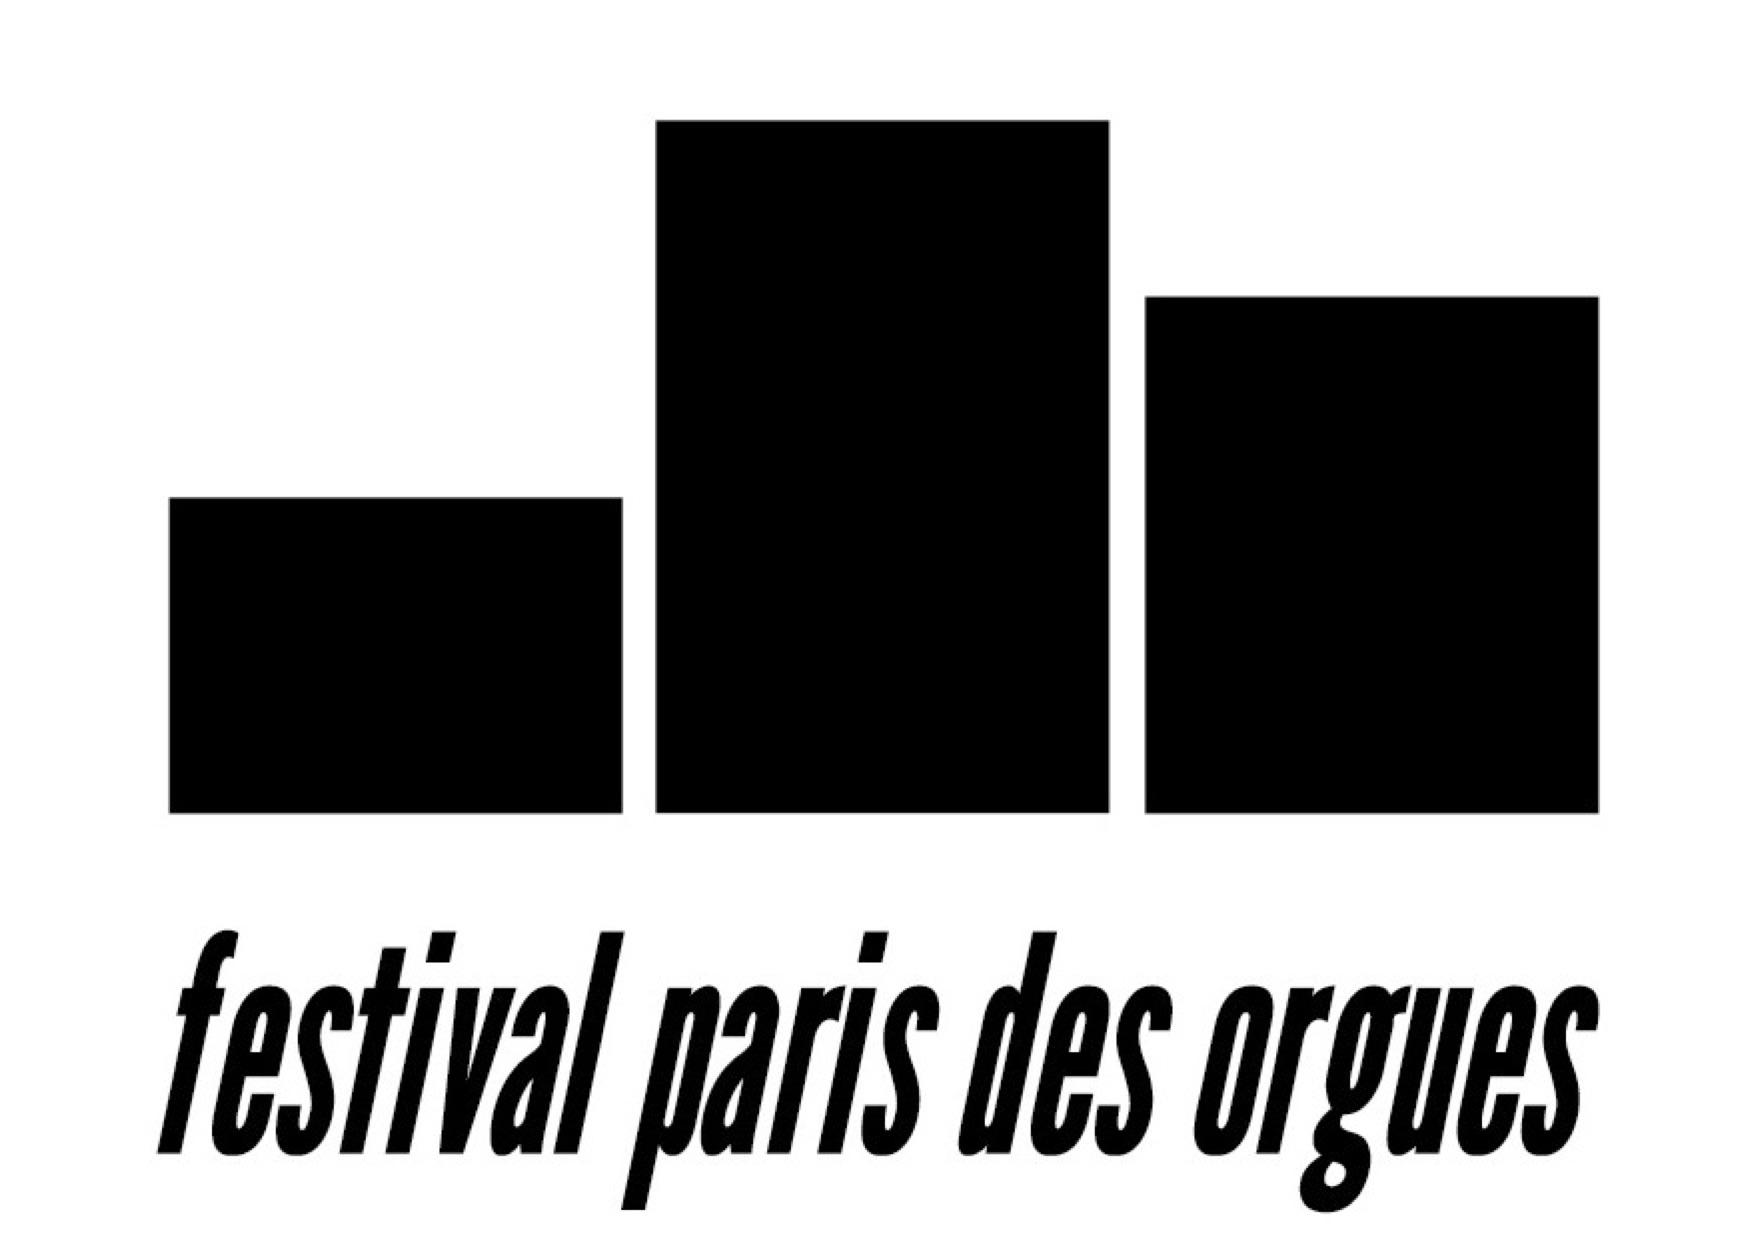 Paris des orgues blanc edited